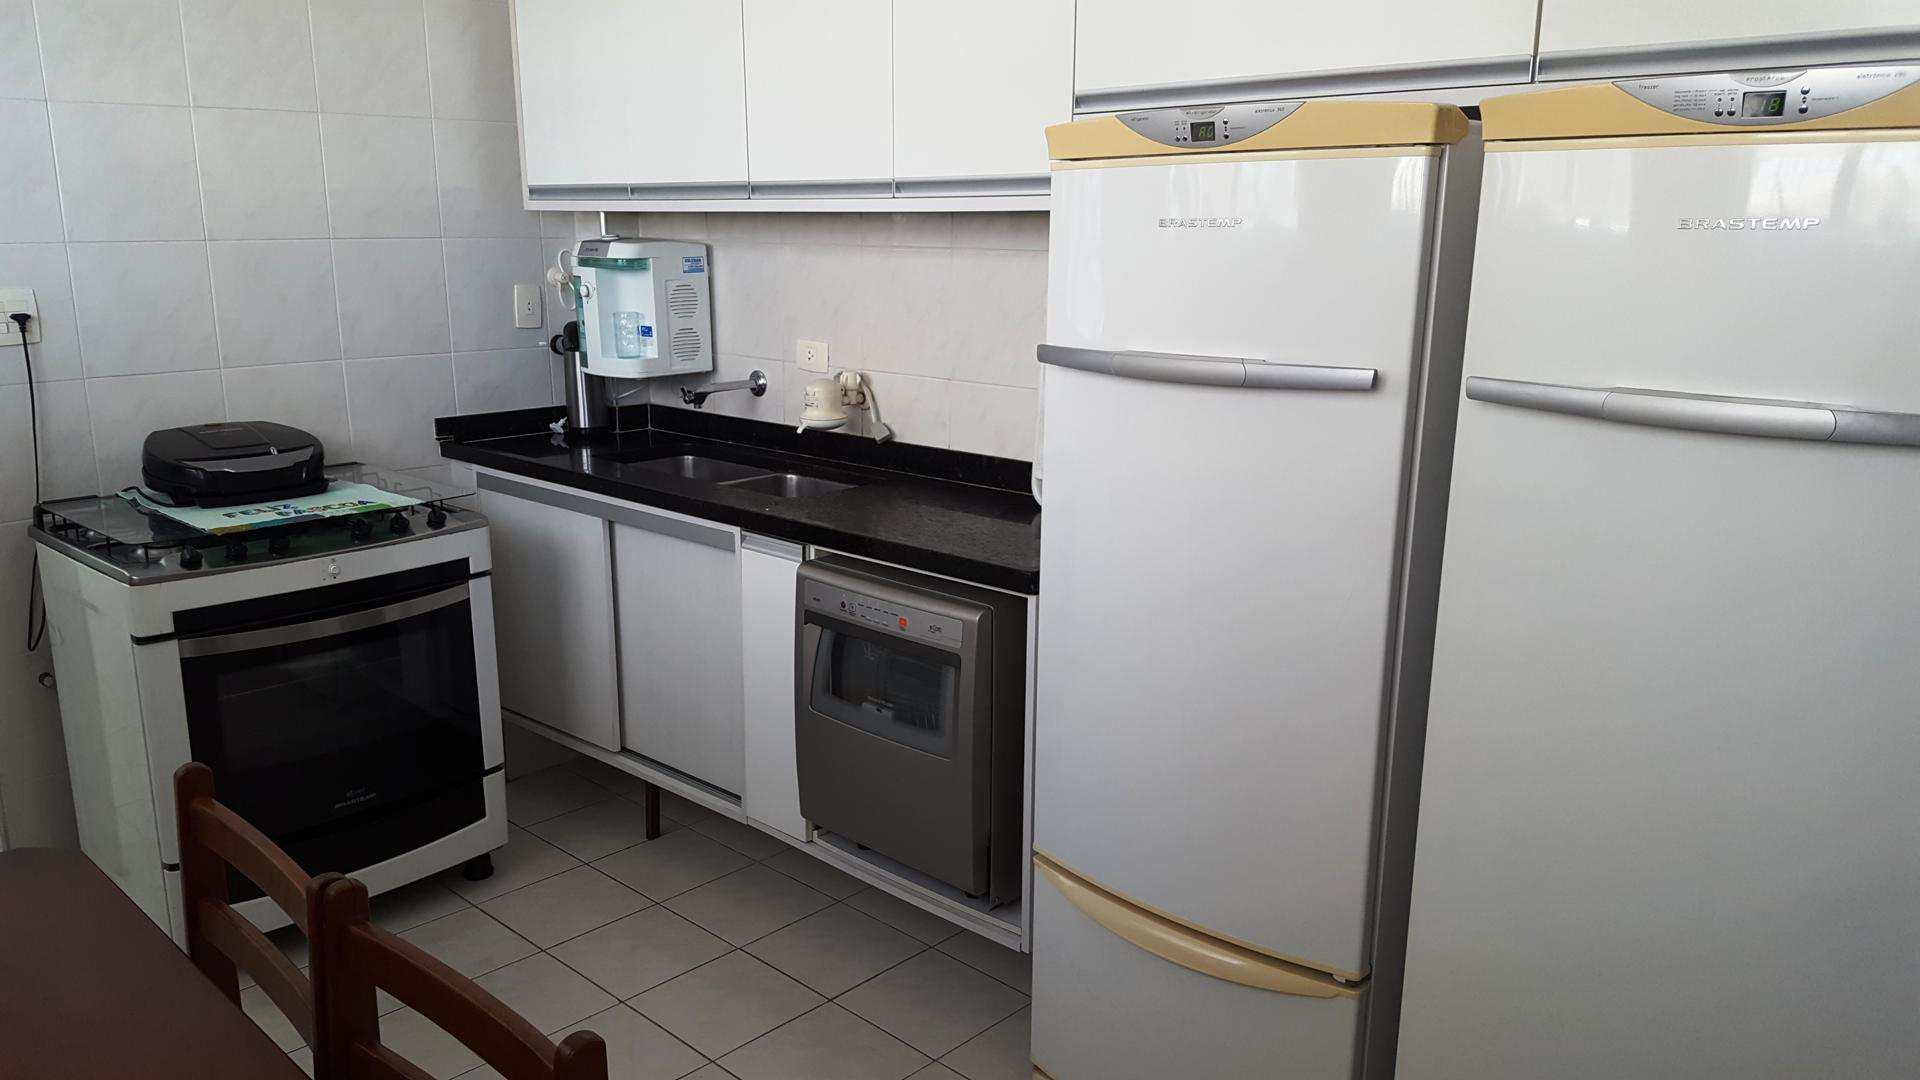 D - cozinha (4)